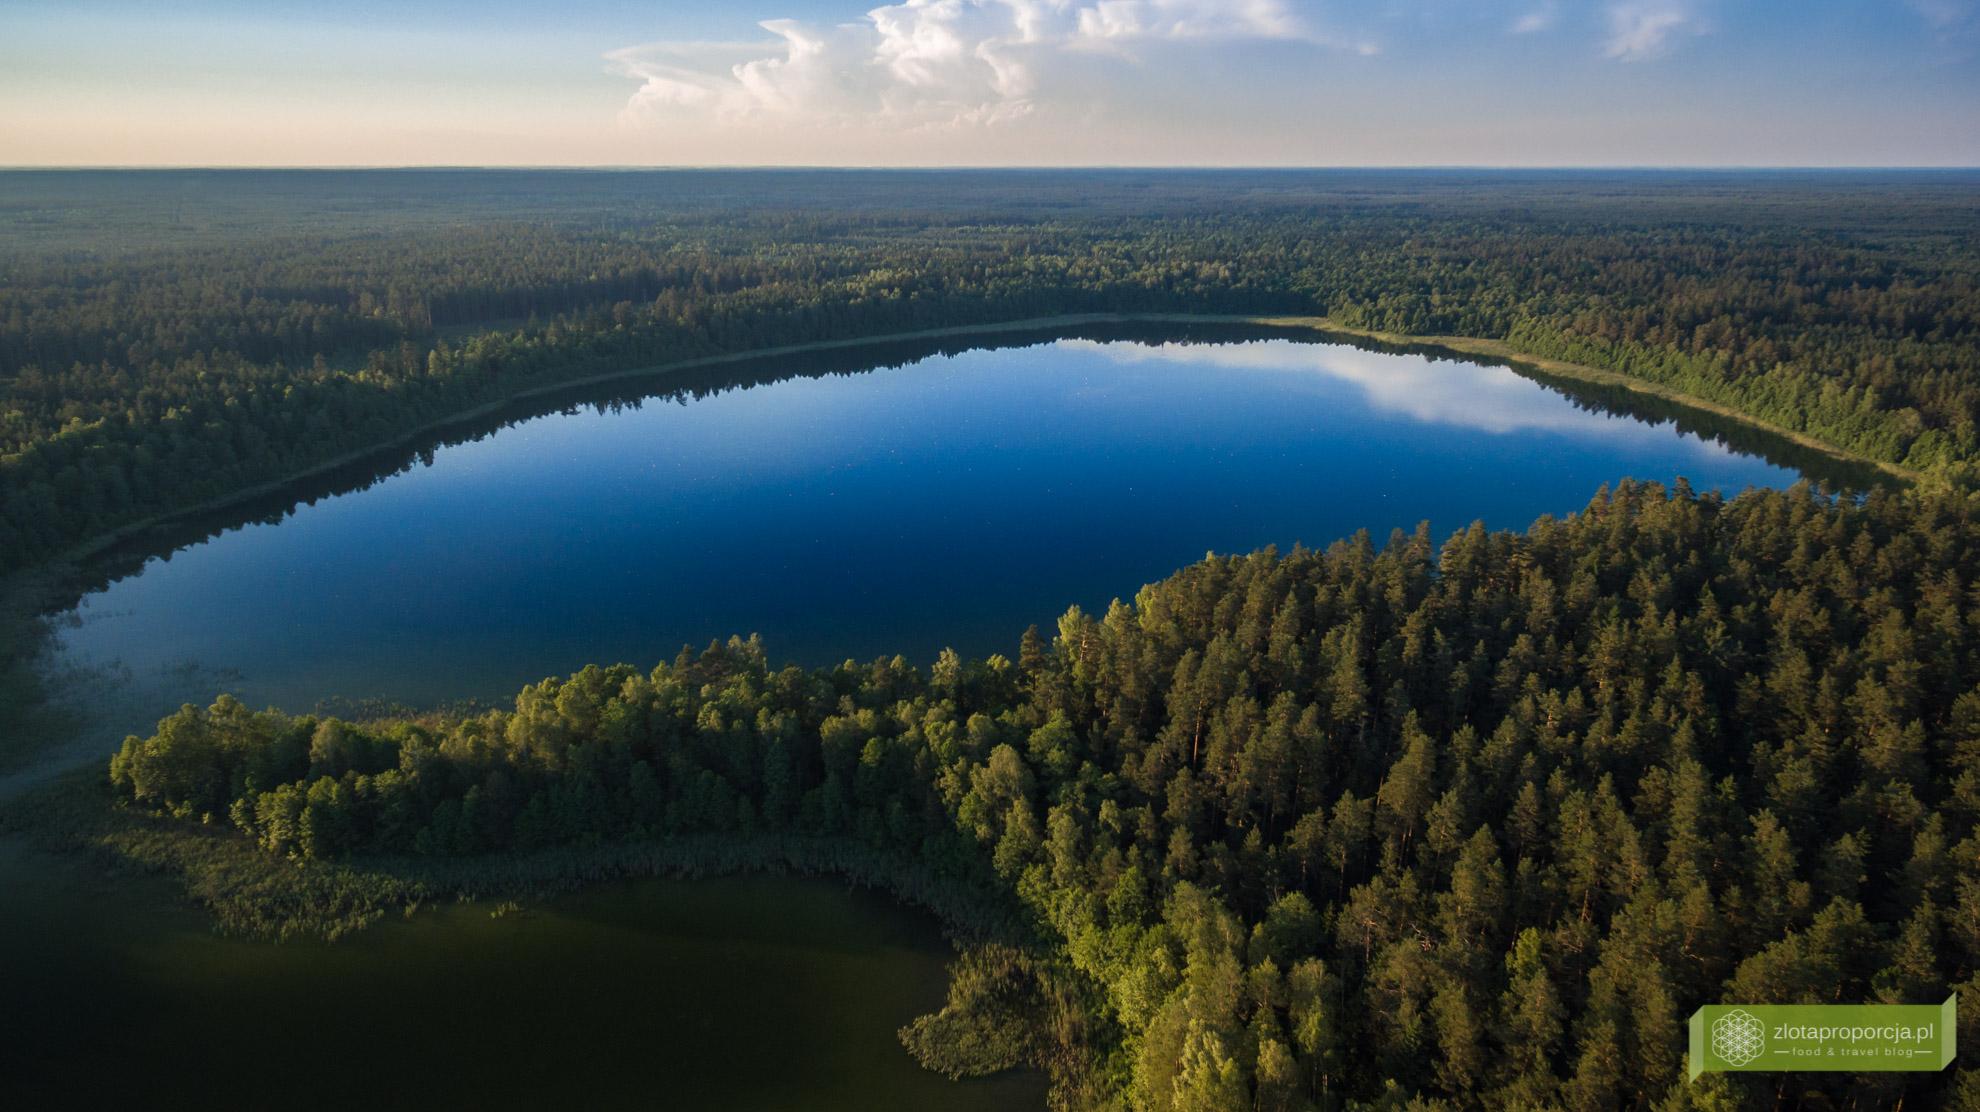 Jezioro Brożane, Suwalszczyzna, Suwalszczyzna z drona, atrakcje Suwalszczyzny, Podlasie